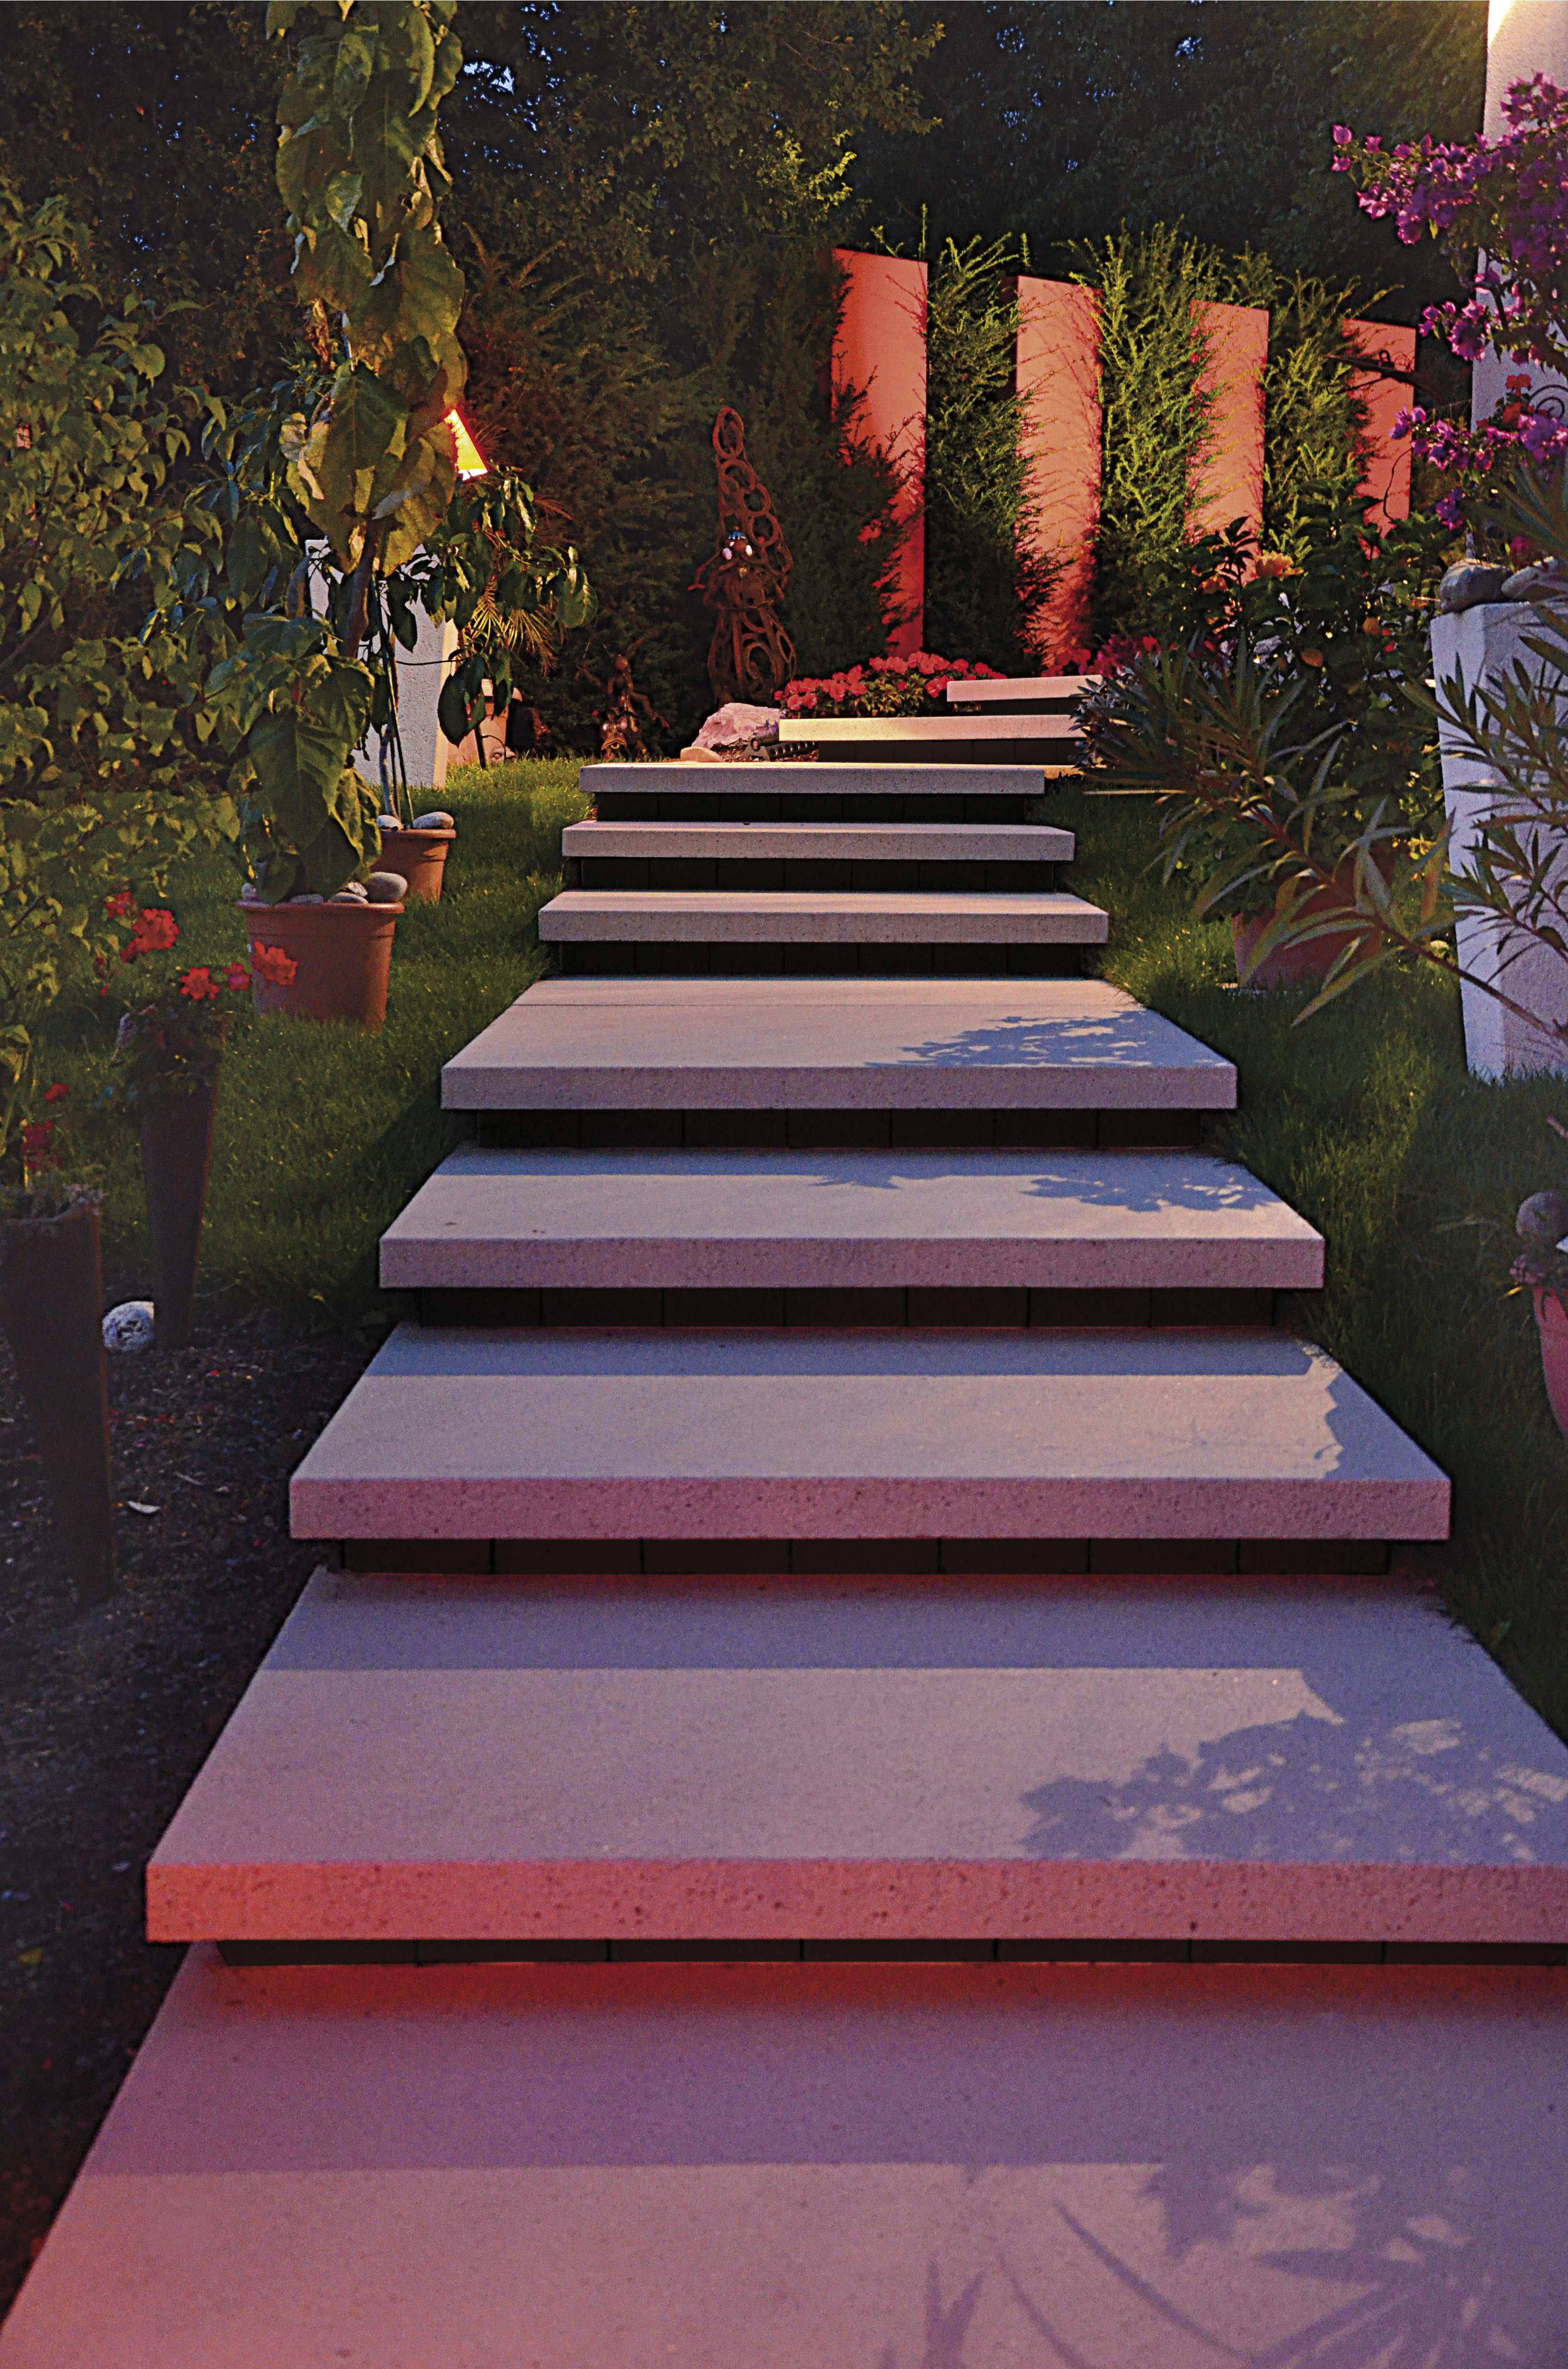 metten stein und design excellent metten stein und design with metten stein und design. Black Bedroom Furniture Sets. Home Design Ideas